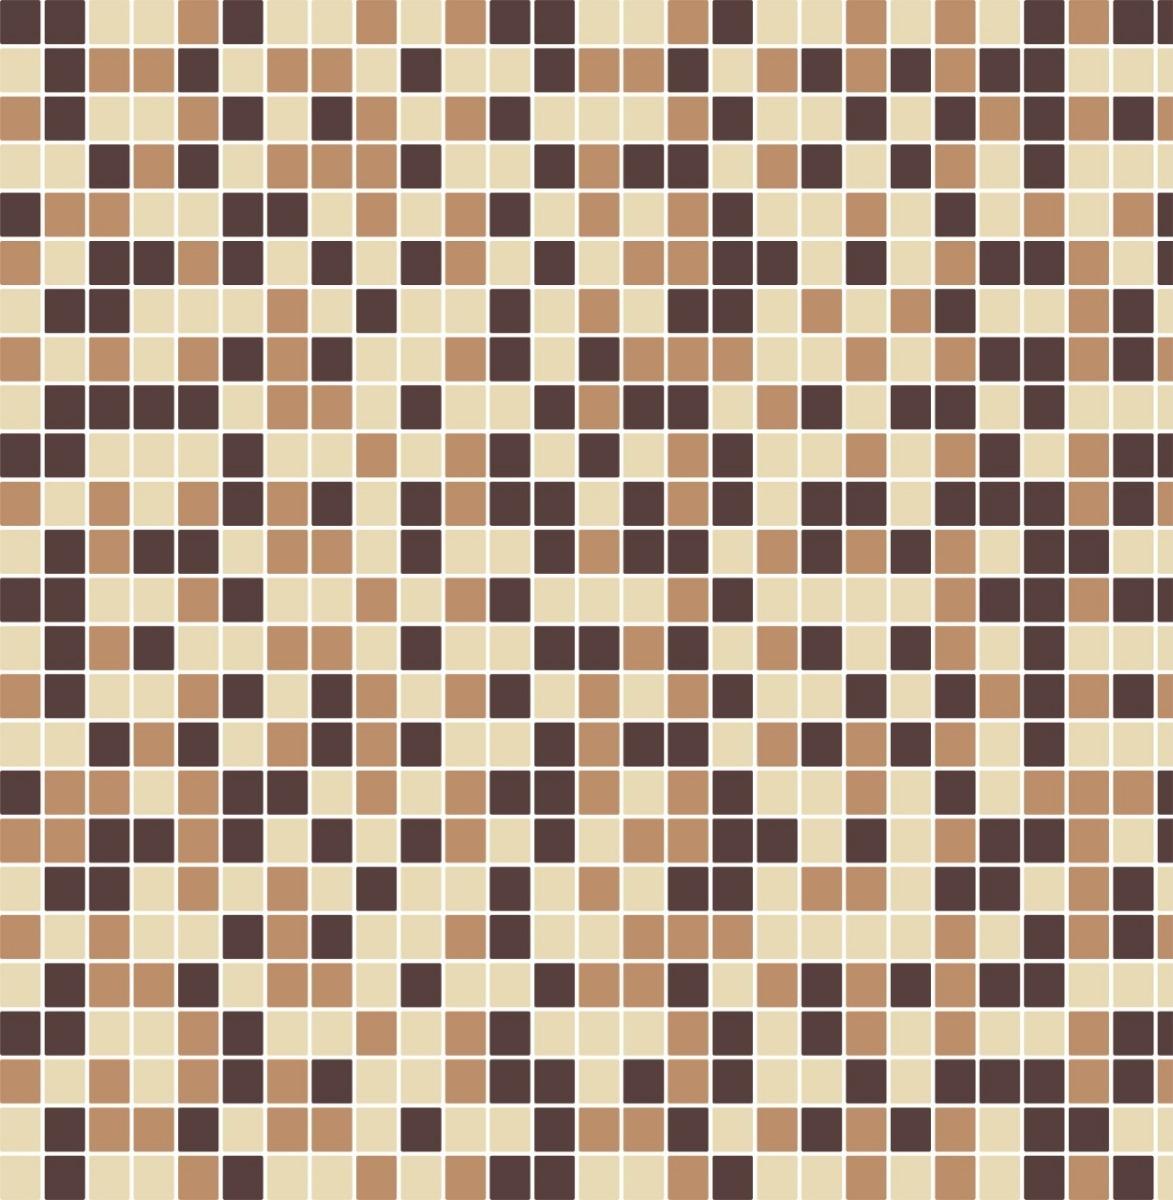 9654f3f0a auto adesivo pastilhas papel parede cozinha lavável vinílico. Carregando  zoom.